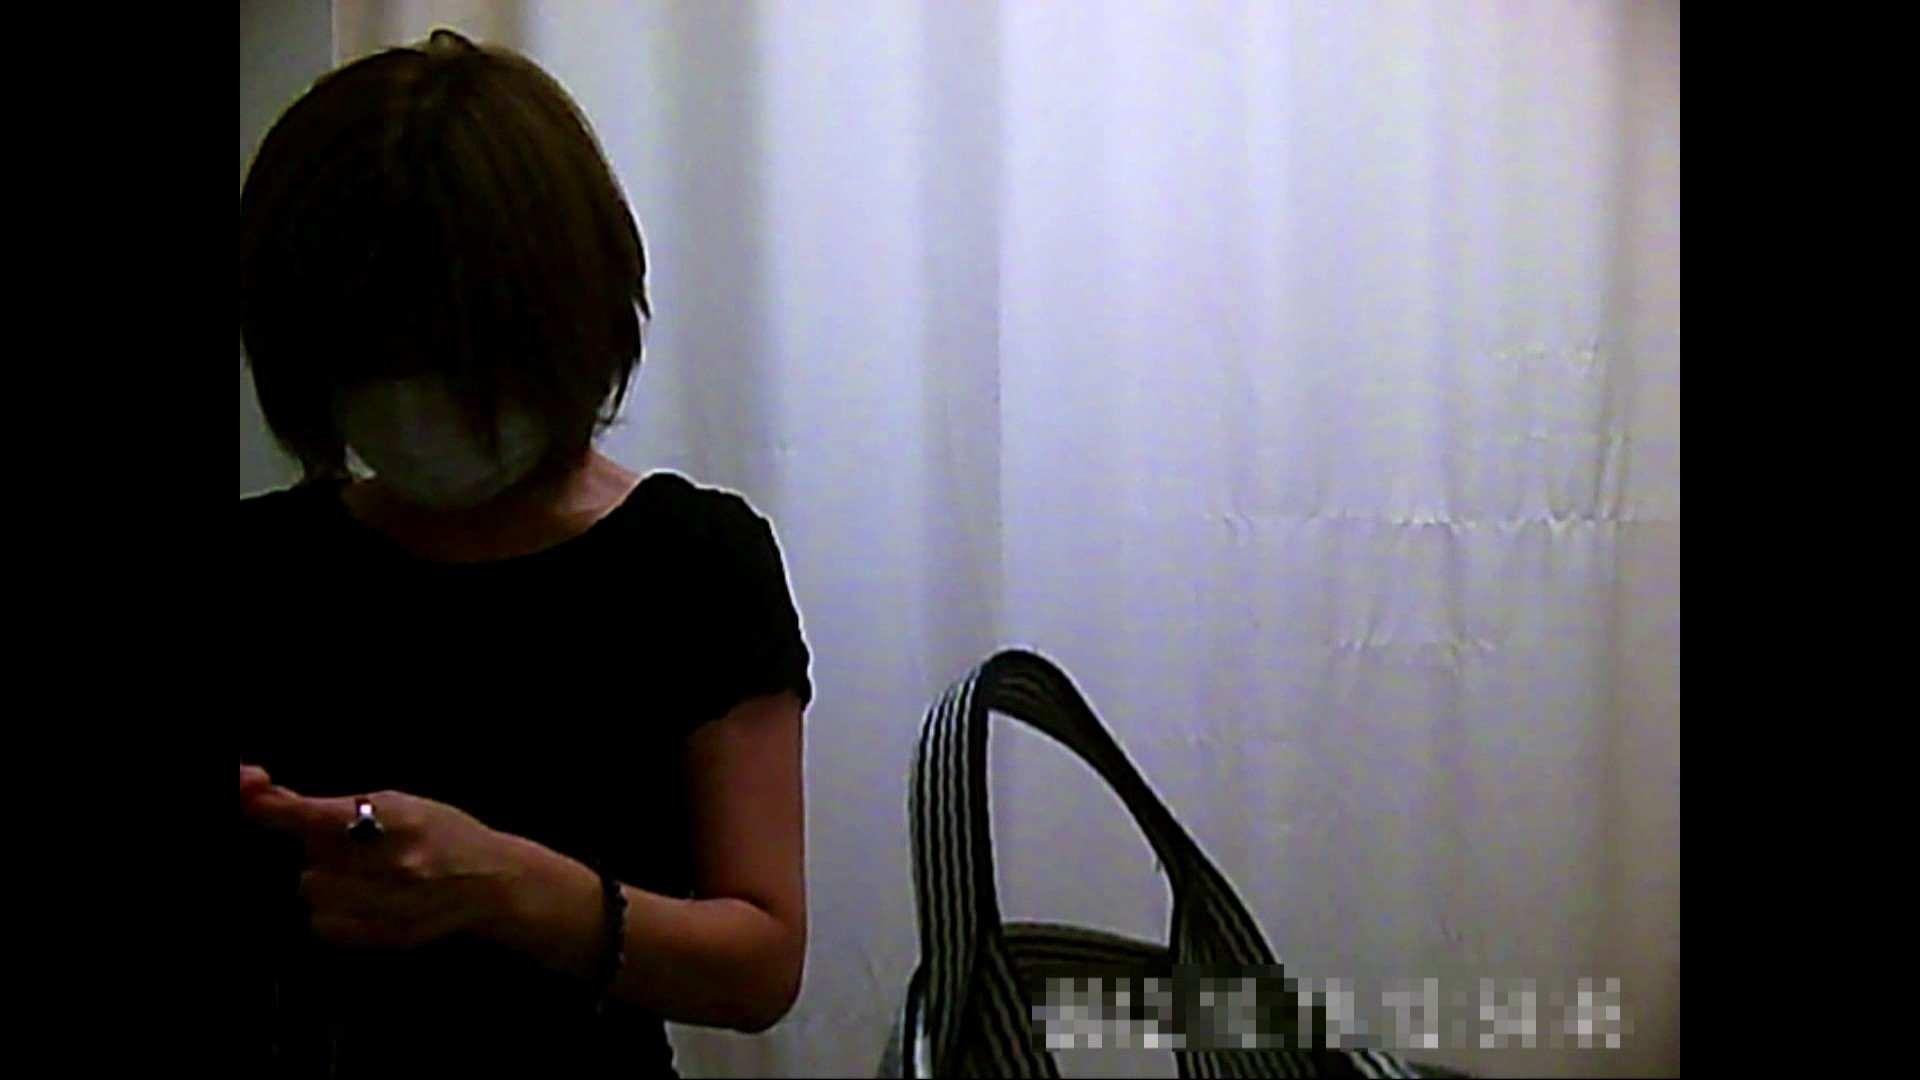 病院おもいっきり着替え! vol.243 着替え 隠し撮りオマンコ動画紹介 94連発 69